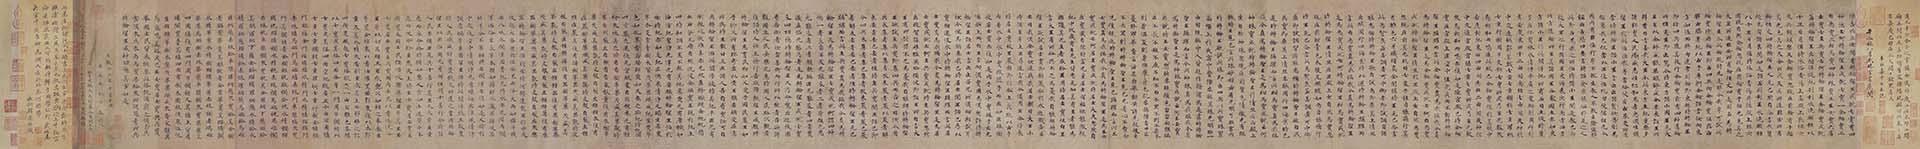 唐 钟绍京 转轮圣王经(全卷)小楷纸本23.5x289.5